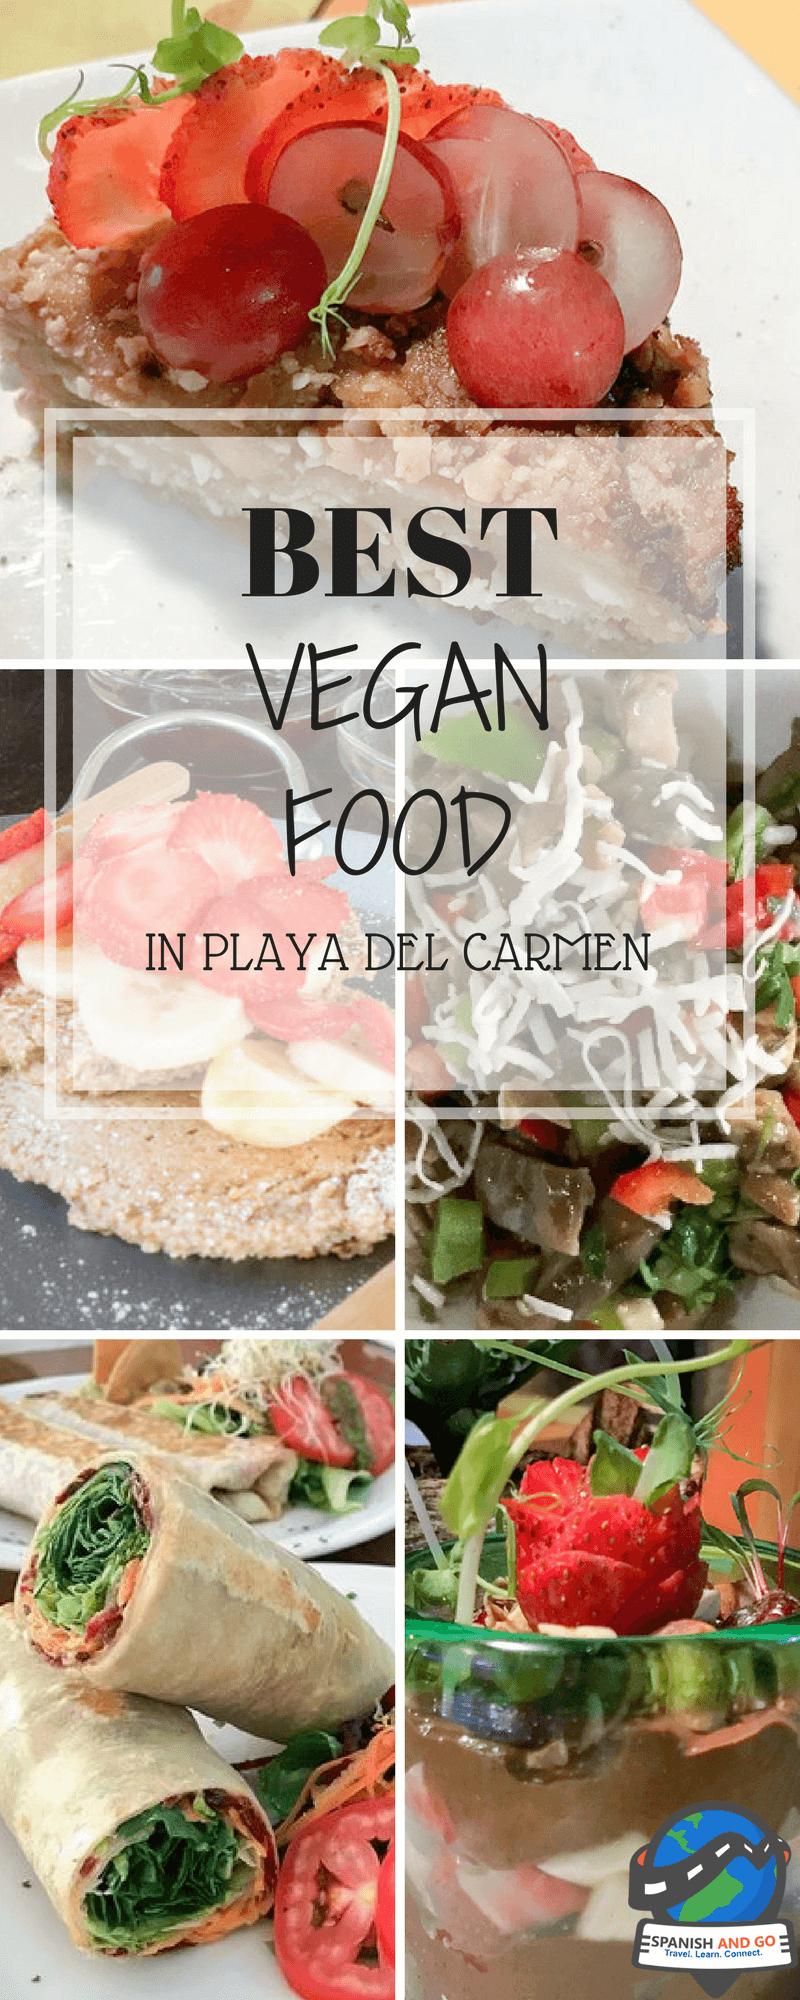 vegan-food-in-playa-del-carmen